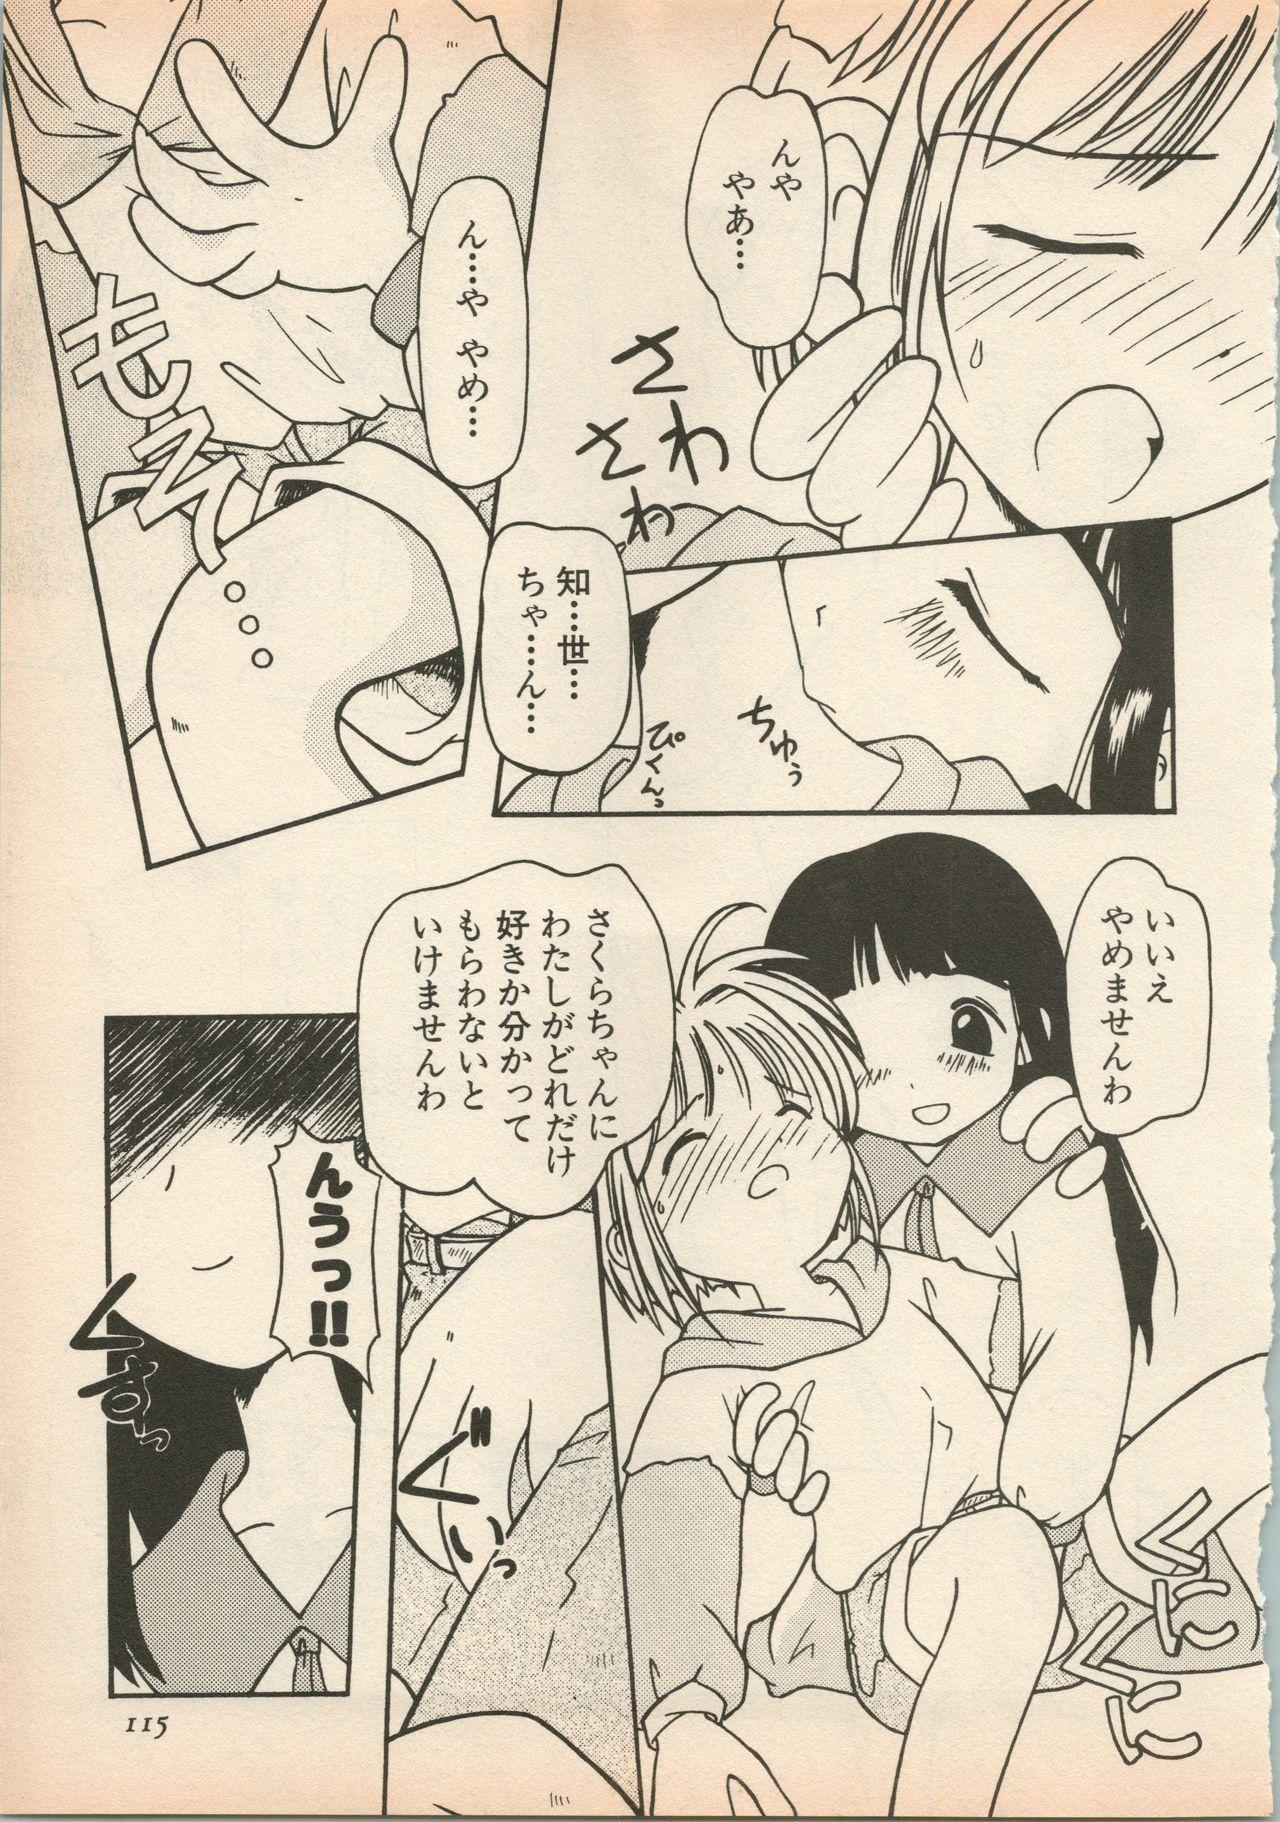 Shin Bishoujo Shoukougun 5 Fukkatsu hen 117